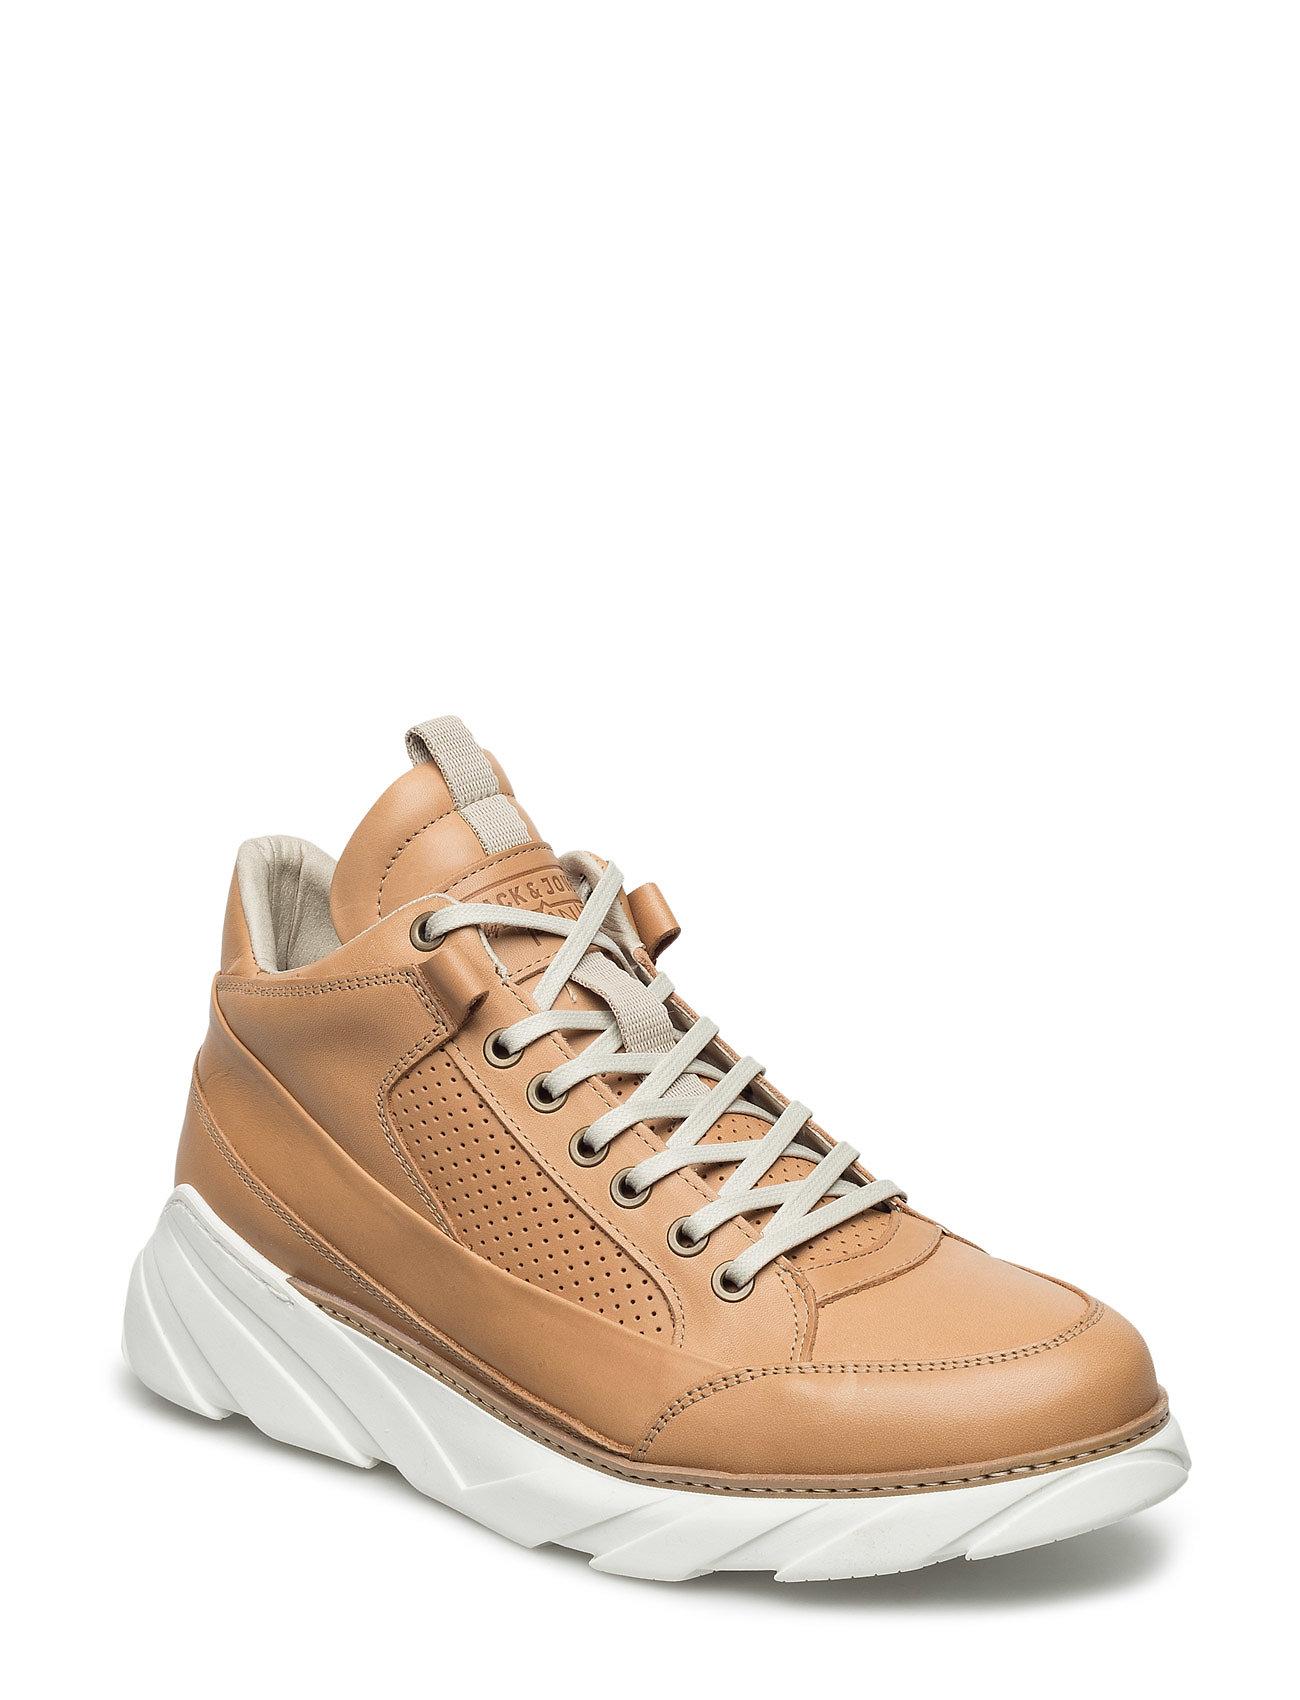 Jfwtuan Fuse Mid Natural Jack & Jones Sneakers til Herrer i Naturlig